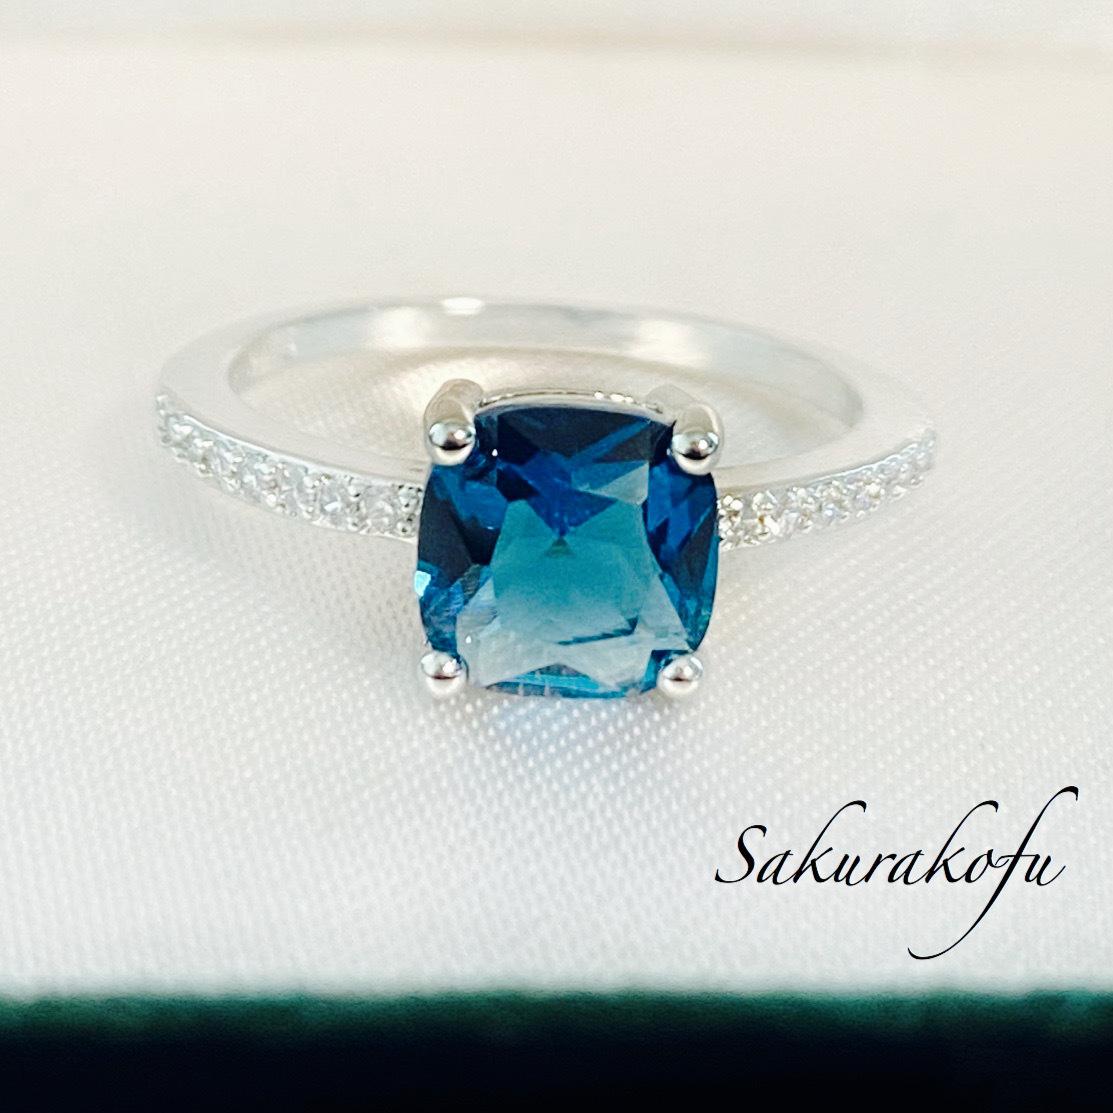 送料無料☆即納 D057 レディース 指輪 ピーコックブルー キュービック シンプルリング